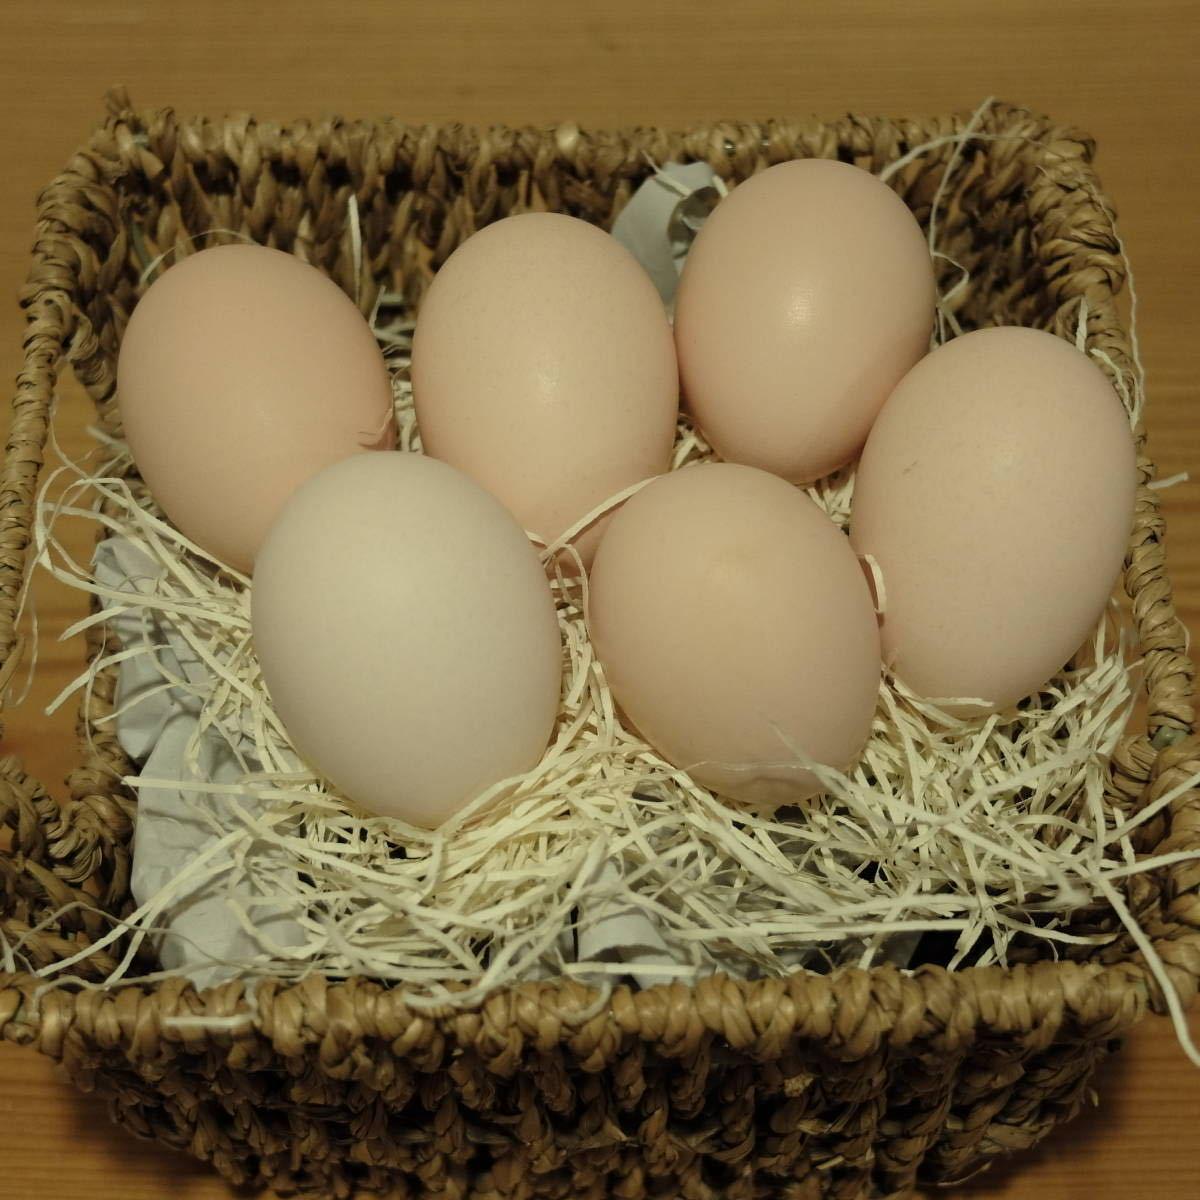 平飼い 烏骨鶏のたまご 6個 #有精卵 #アニマルウェルフェア #ゲージフリー #ストレスフリー_画像2